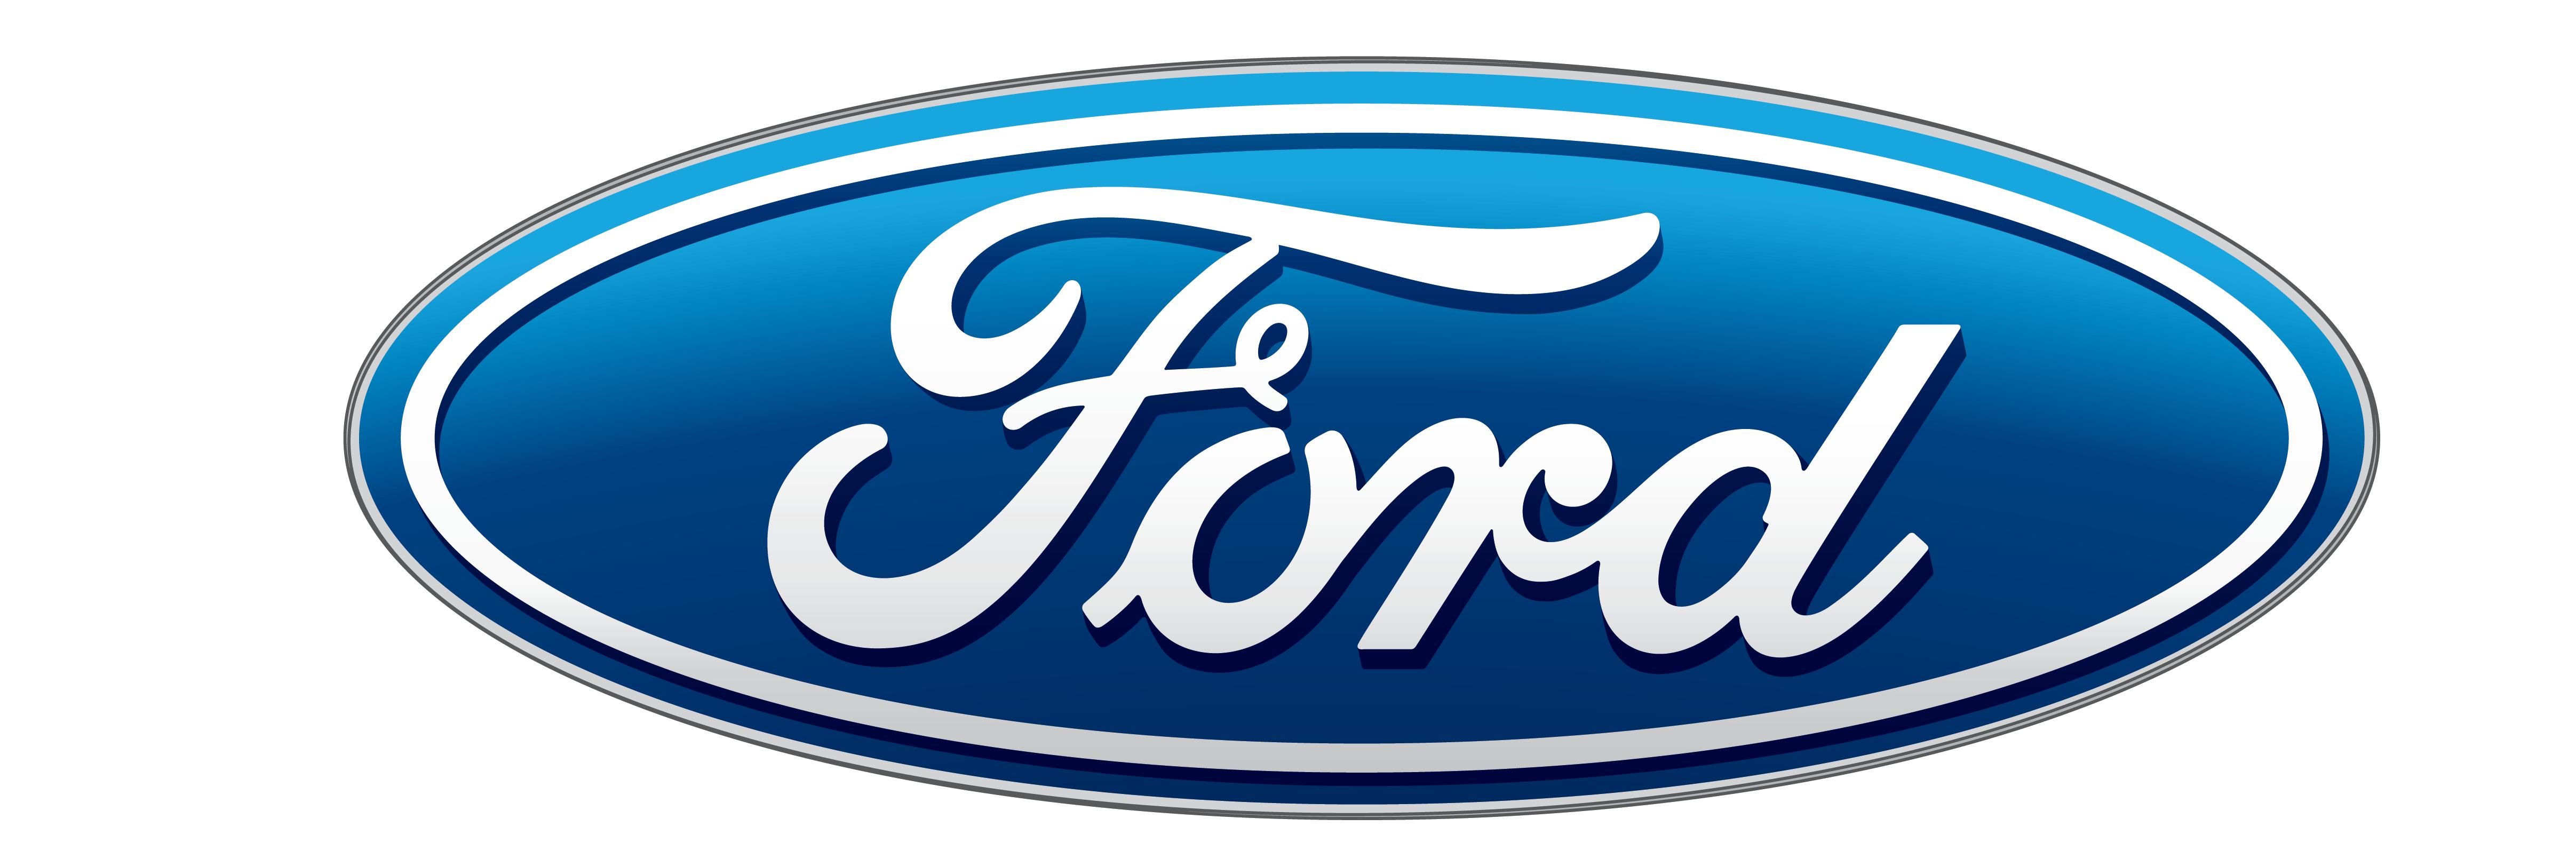 Logotipo de la empresa norteamericana (Foto: Archivo)